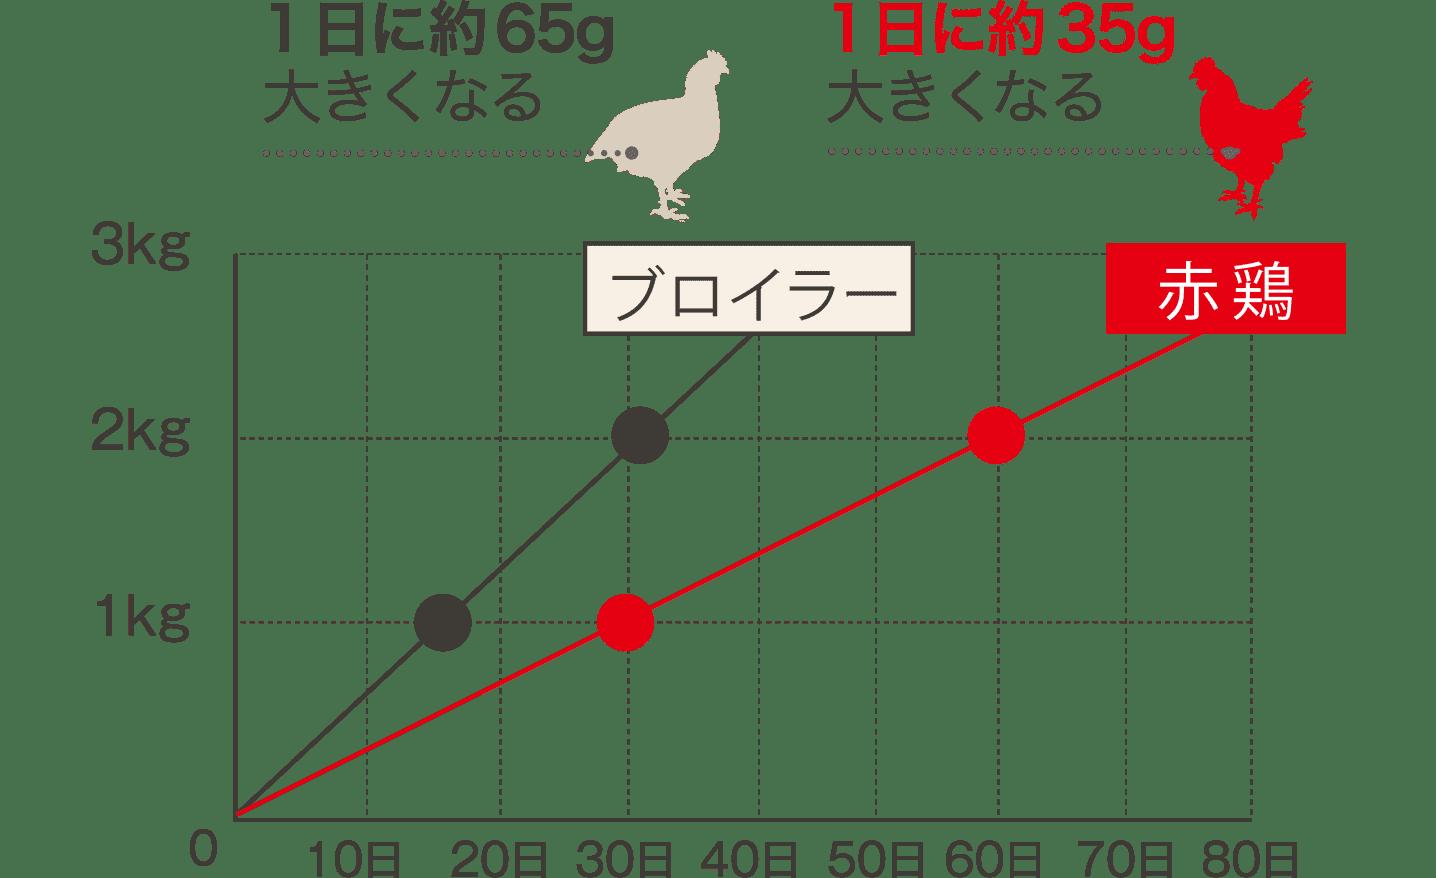 赤鶏のスロー・グロウス 比較図(目安)